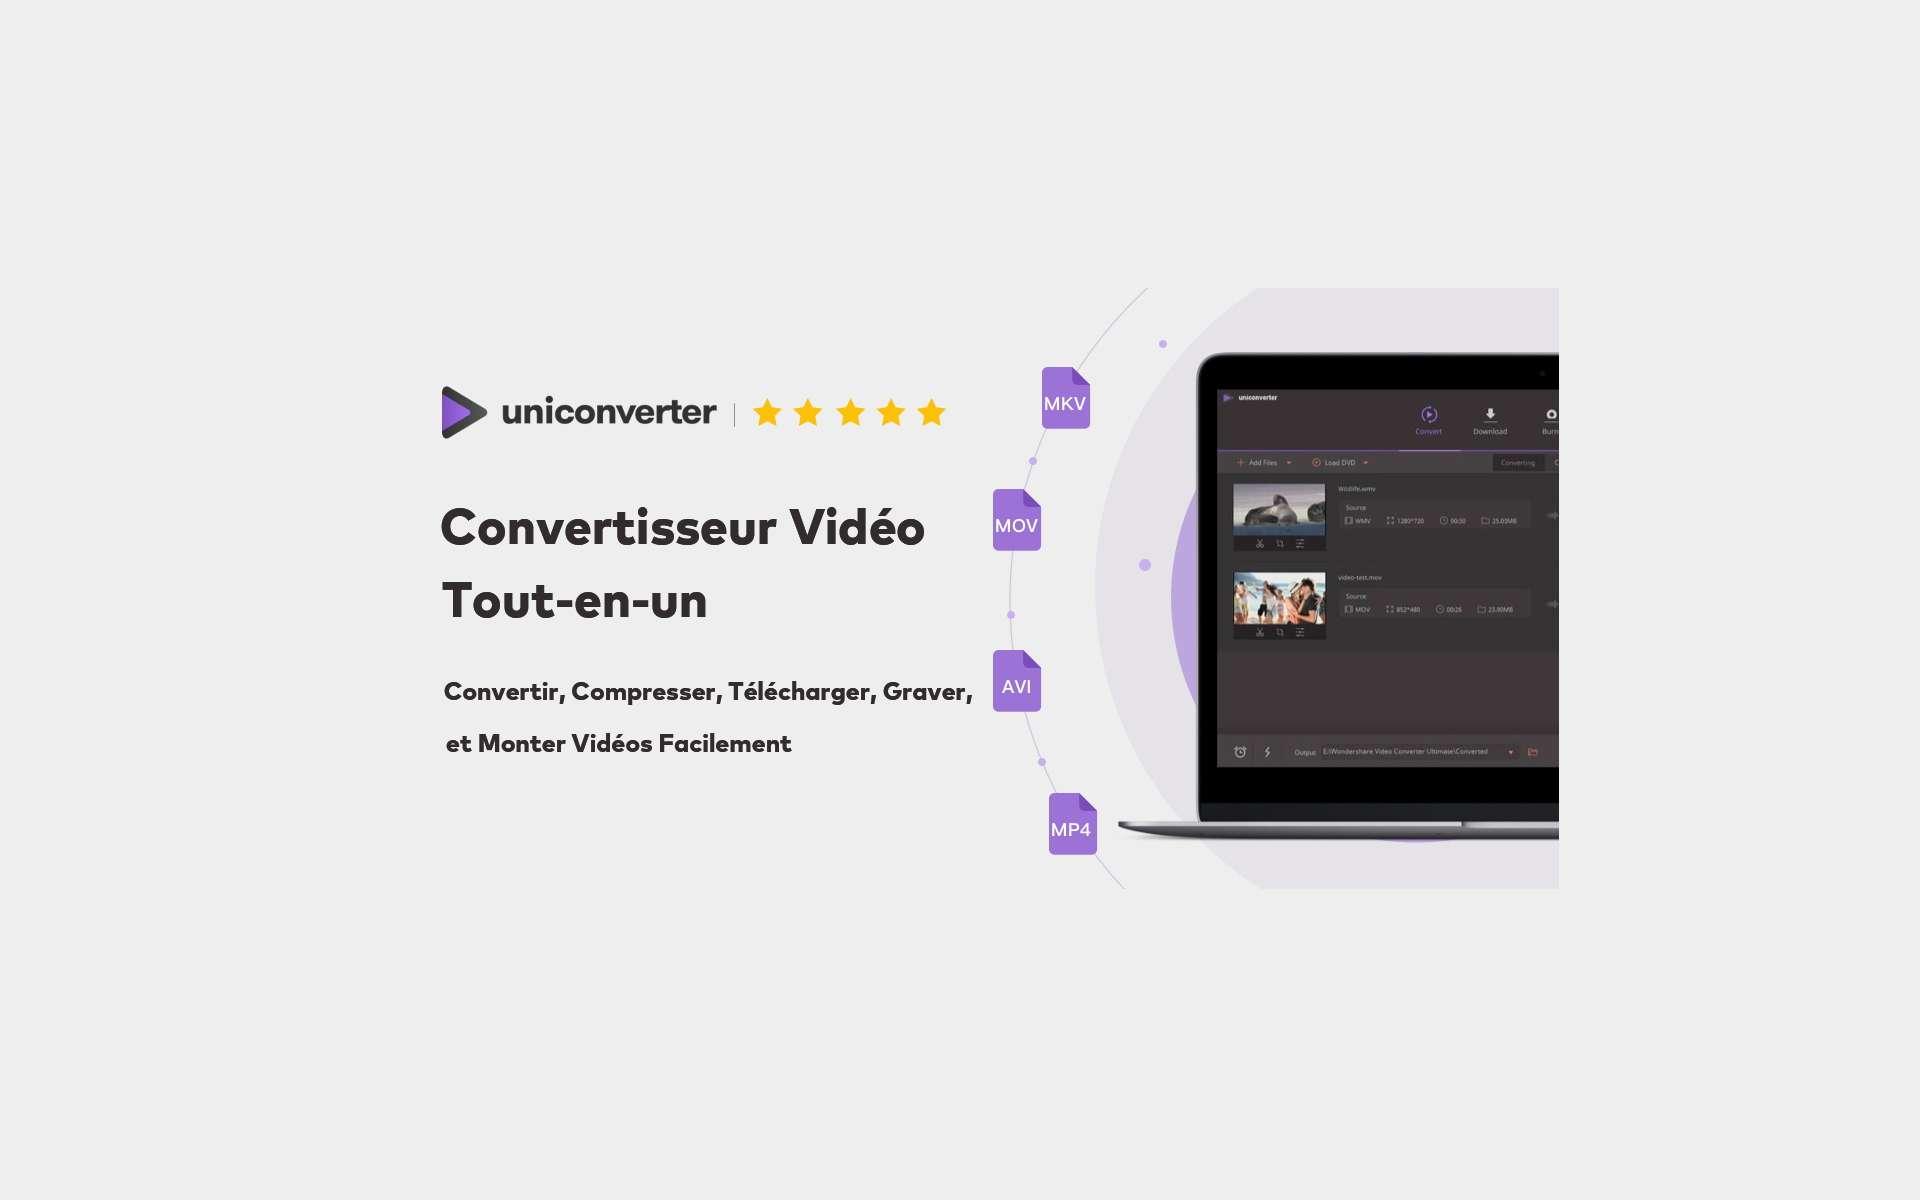 Futura vous explique comment télécharger et convertir des vidéos en ligne avec UniConverter. © Pixabay